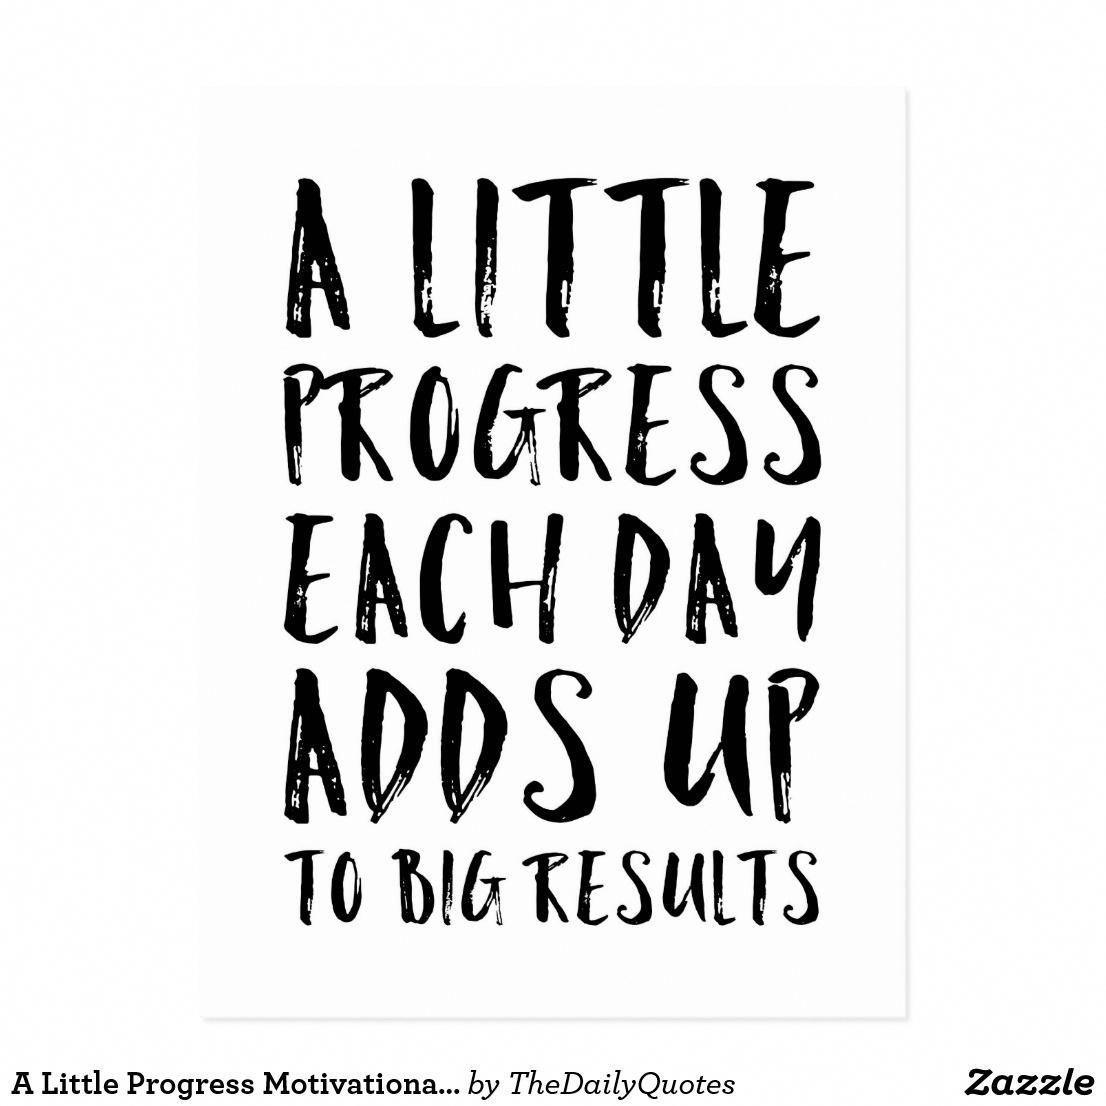 A Little Progress Motivational Quote Postcard | Zazzle.com